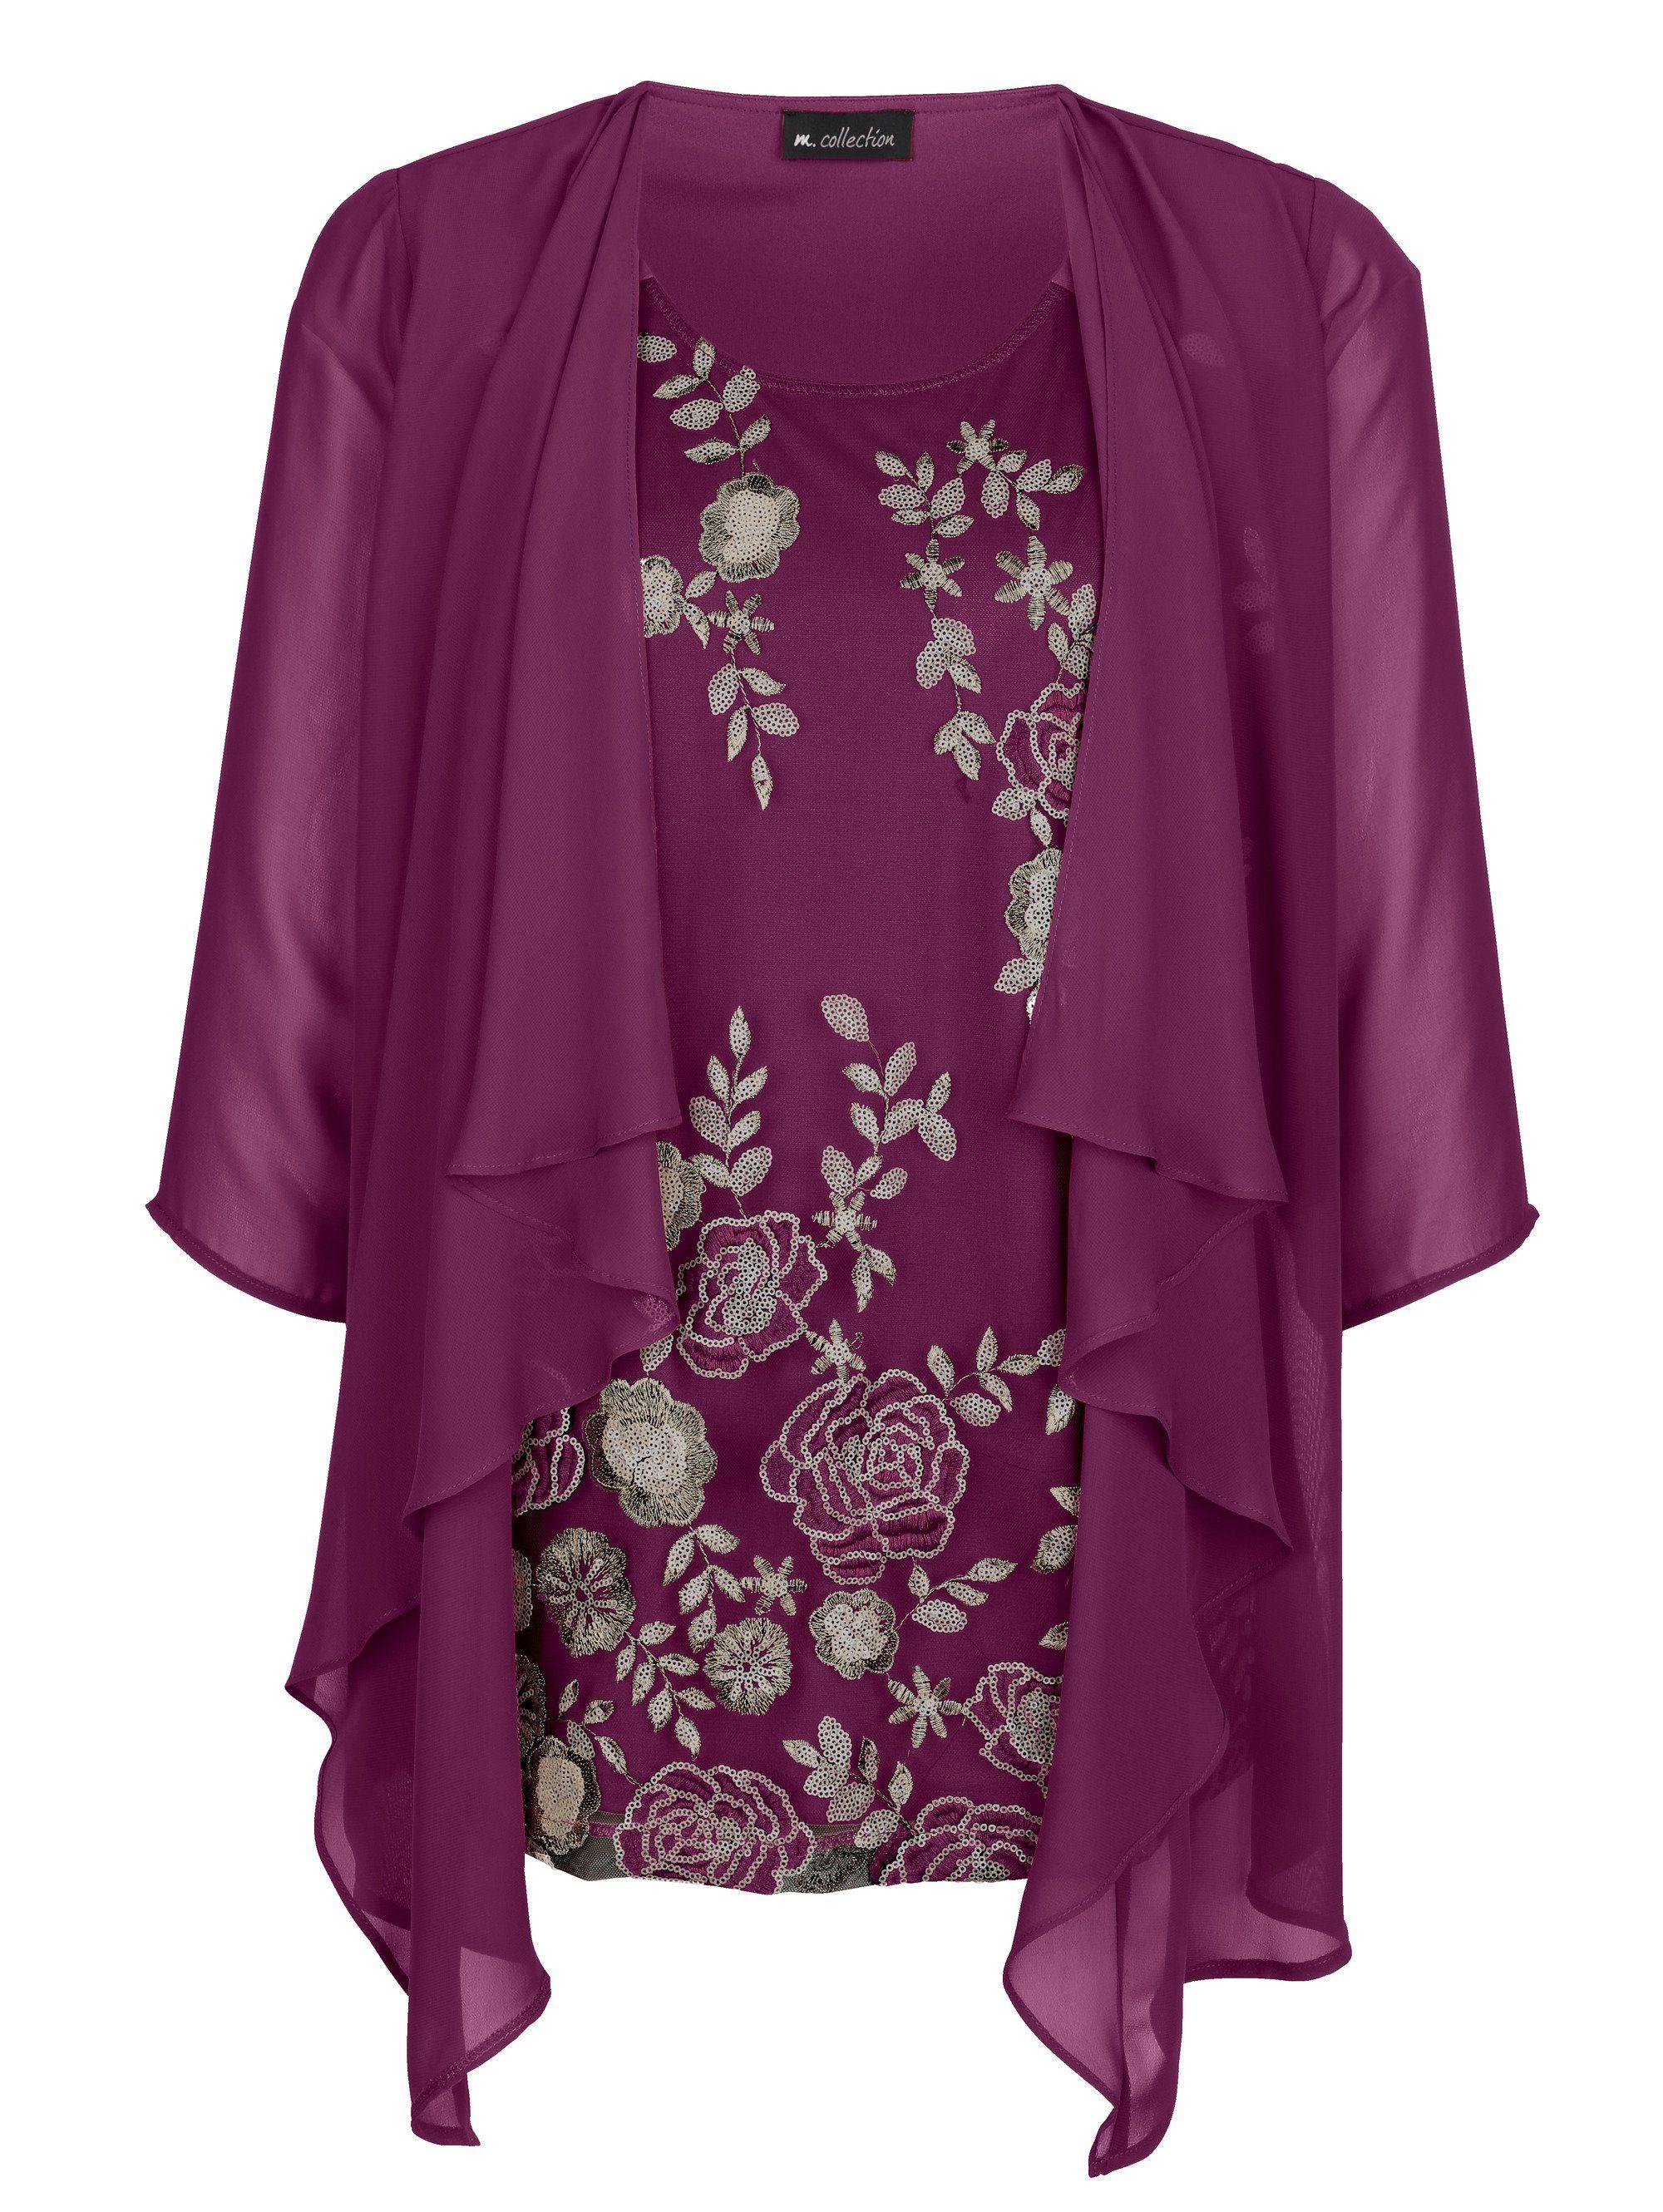 Einsatz Kaufen 1 Shirt MCollection Vorne Floral in 2 Mit Besticktem Online mN0w8nyvO